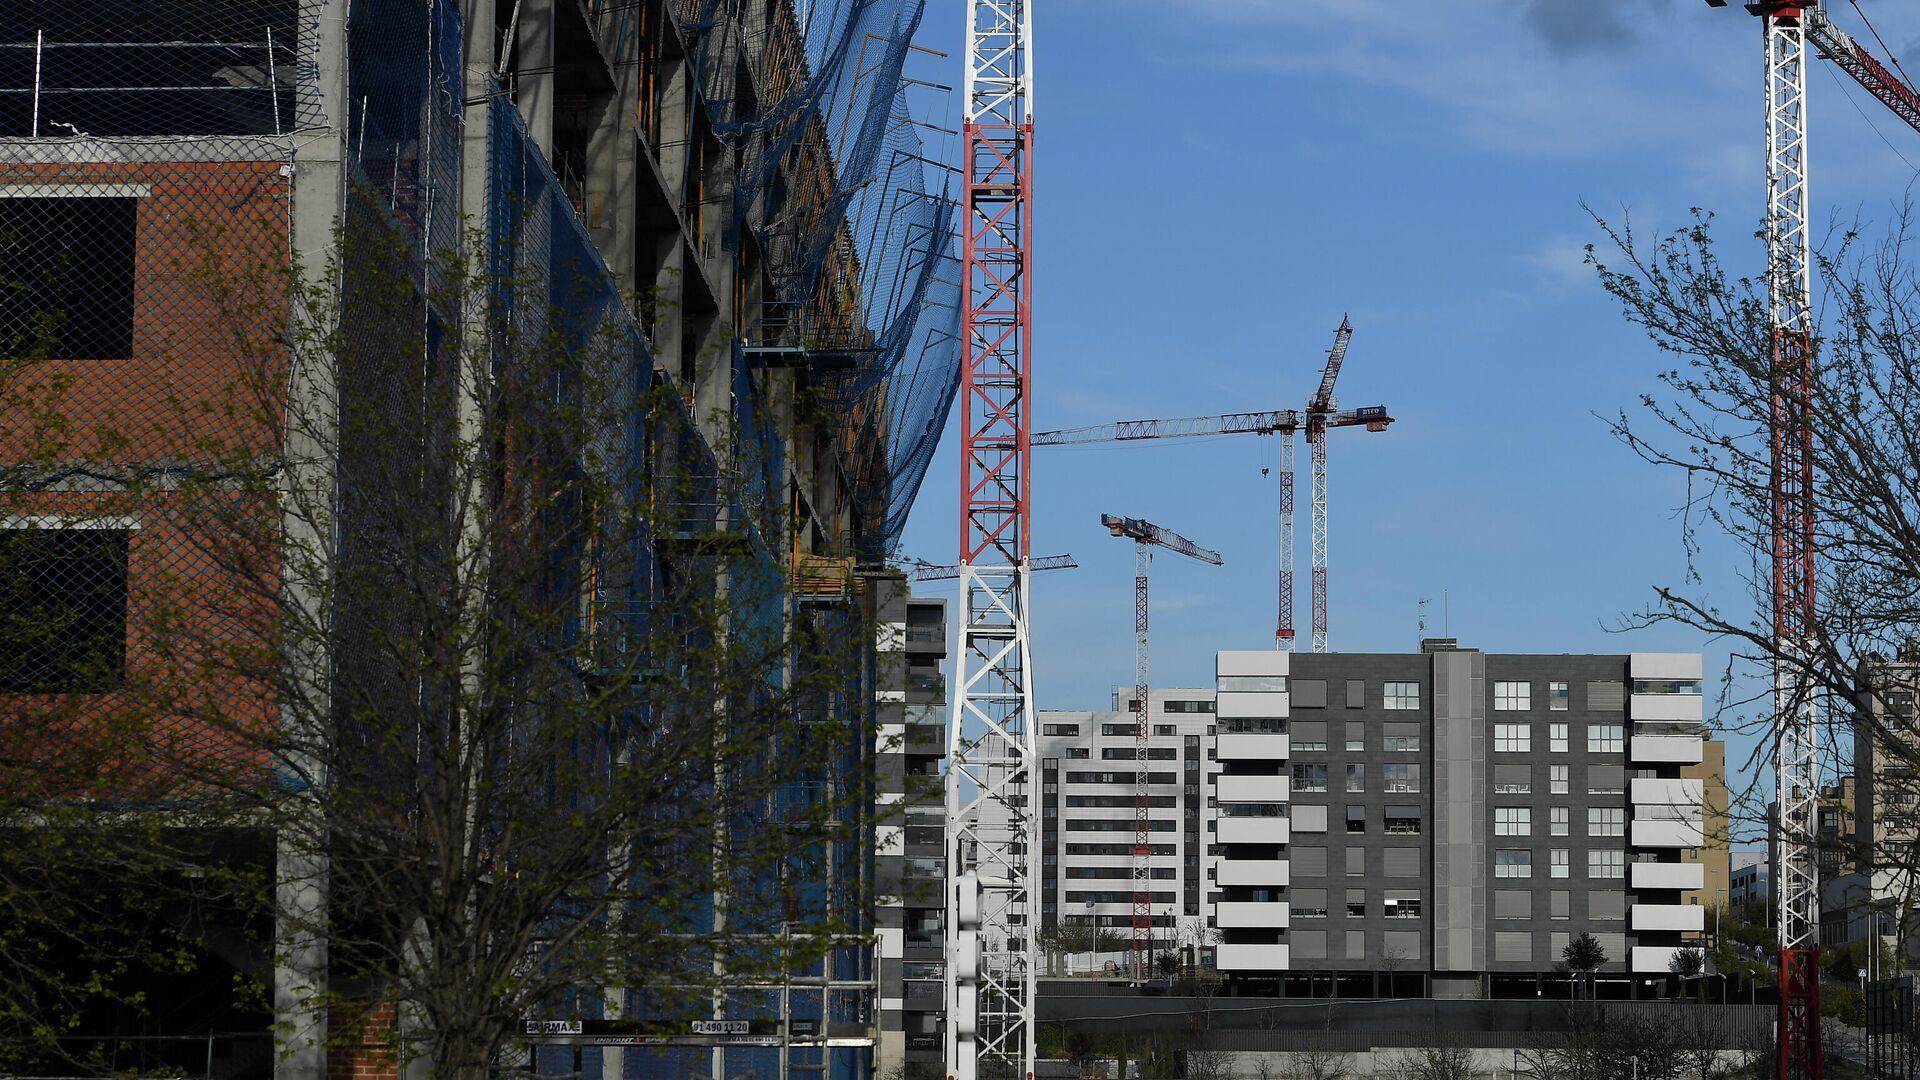 Construcción de pisos en una zona de Madrid durante los primeros meses de 2020 - Sputnik Mundo, 1920, 28.09.2021